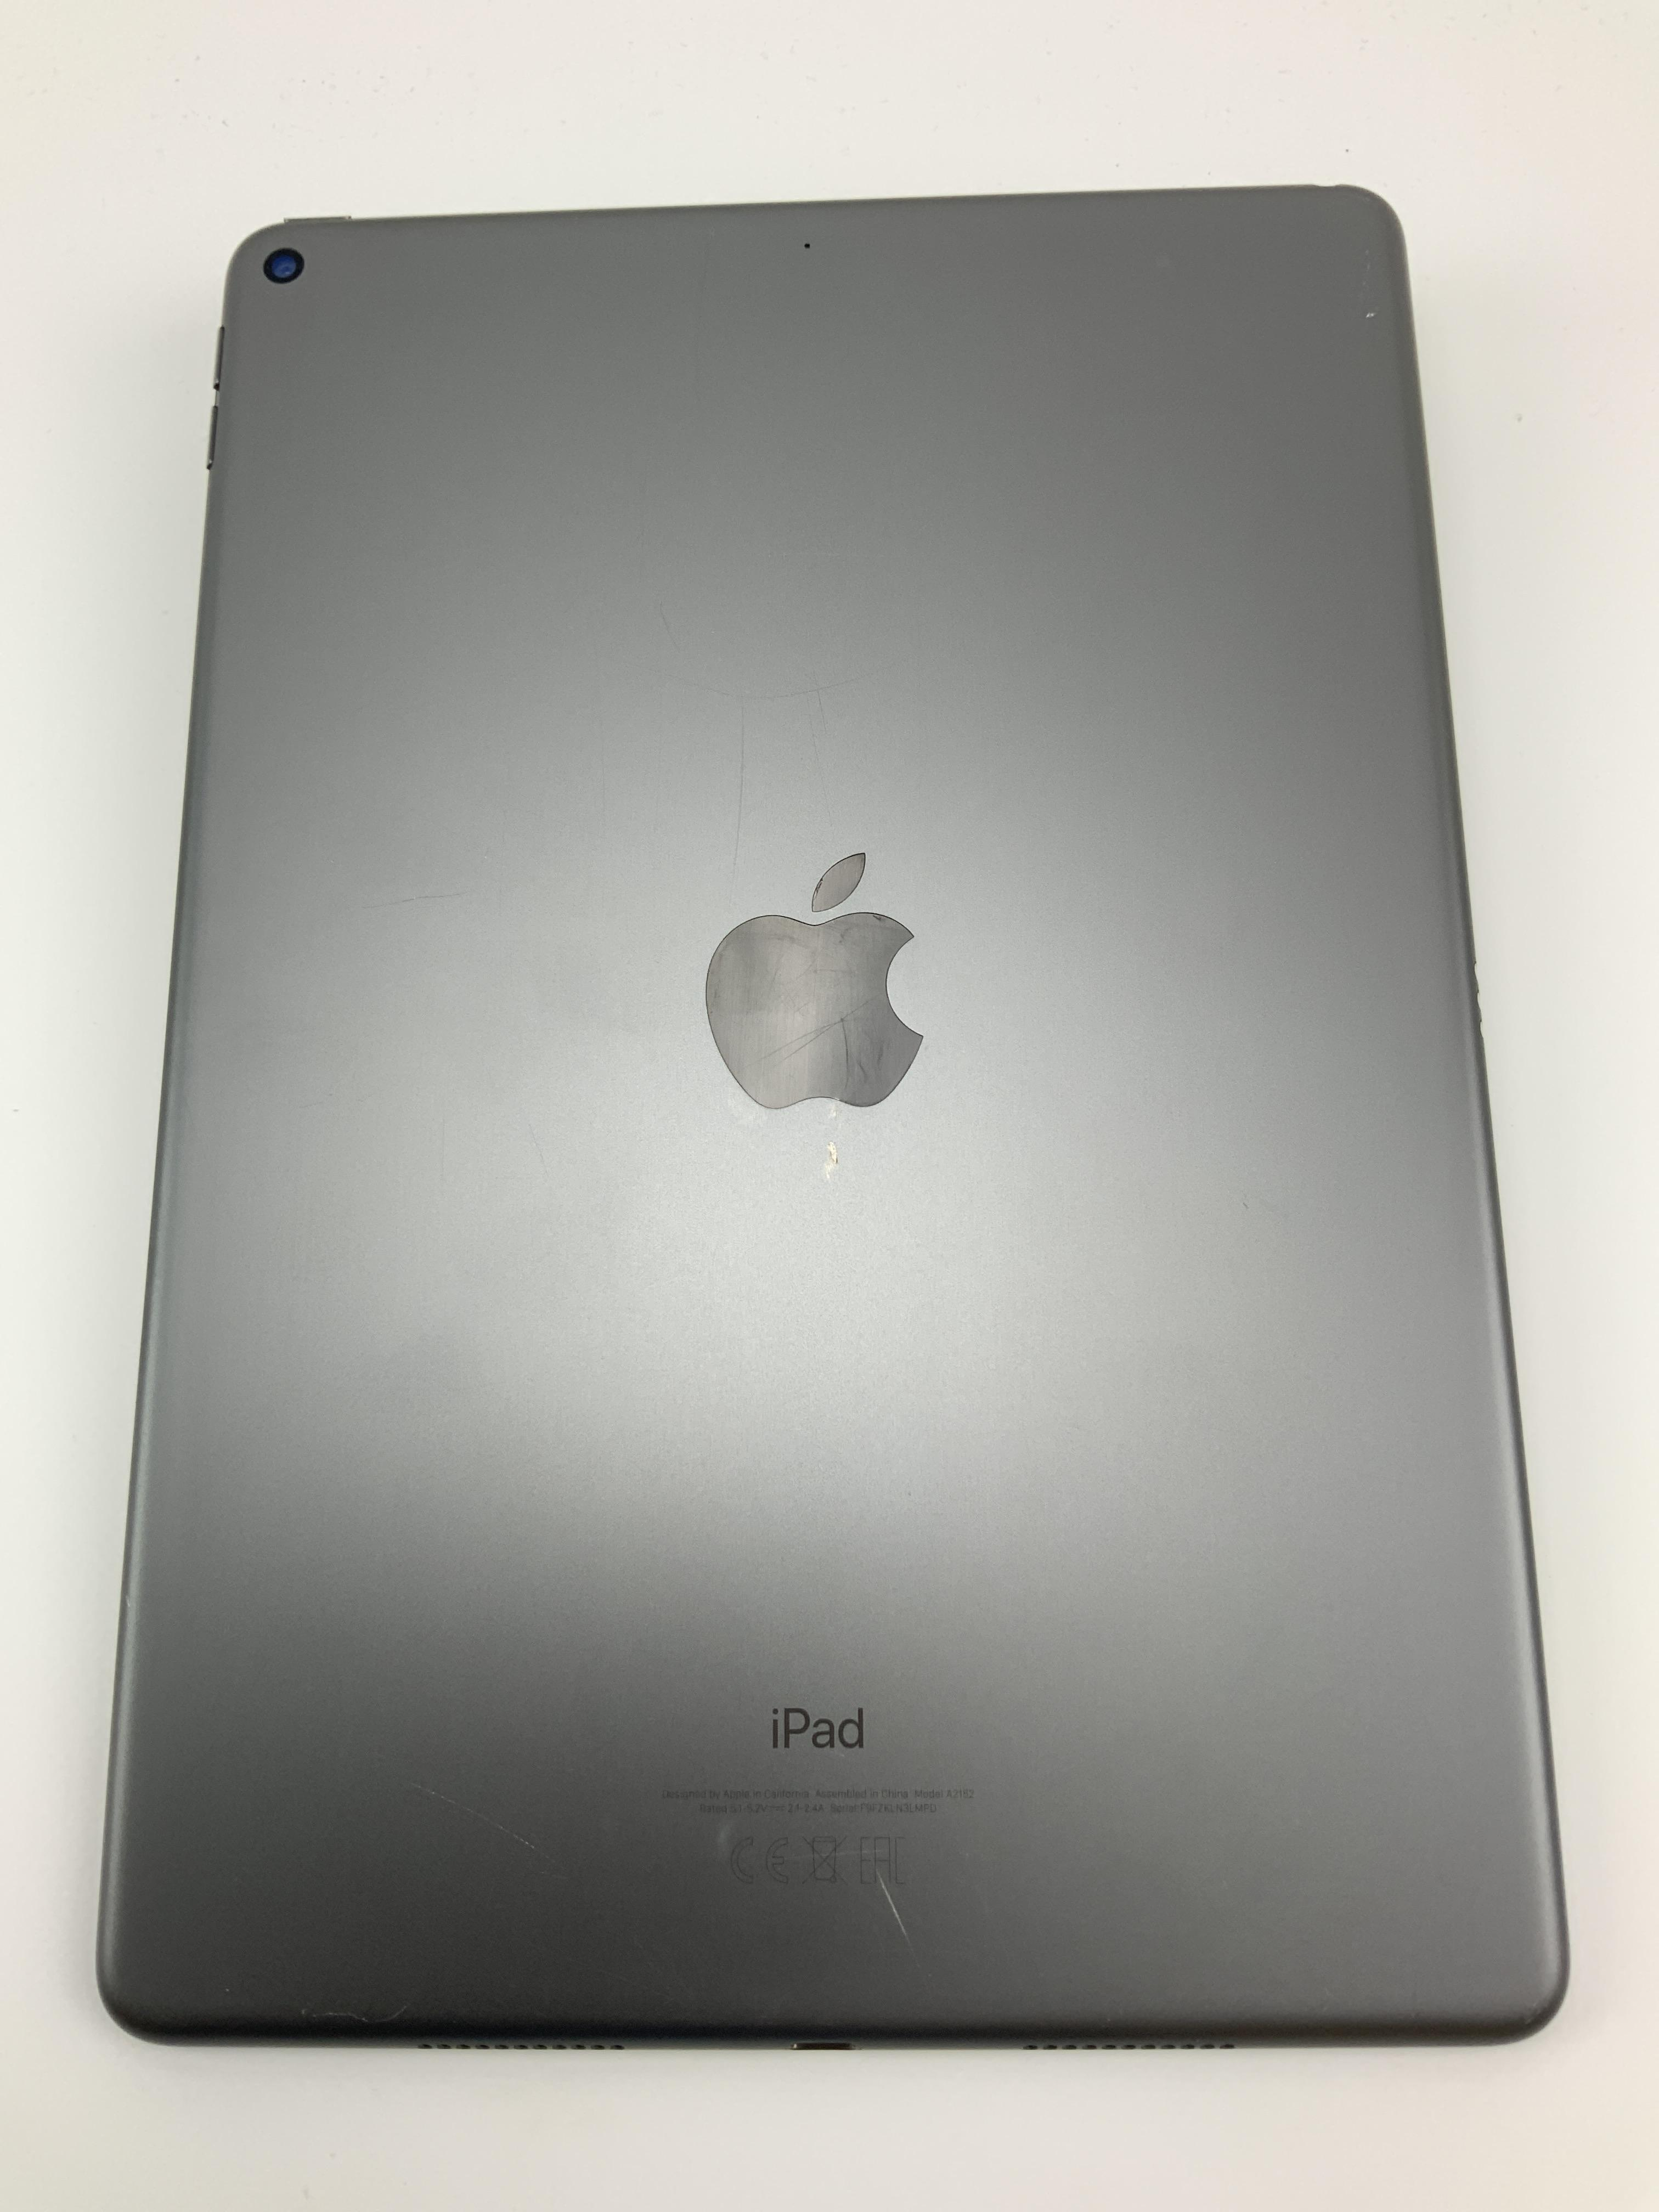 iPad Air 3 Wi-Fi 64GB, 64GB, Space Gray, Bild 3